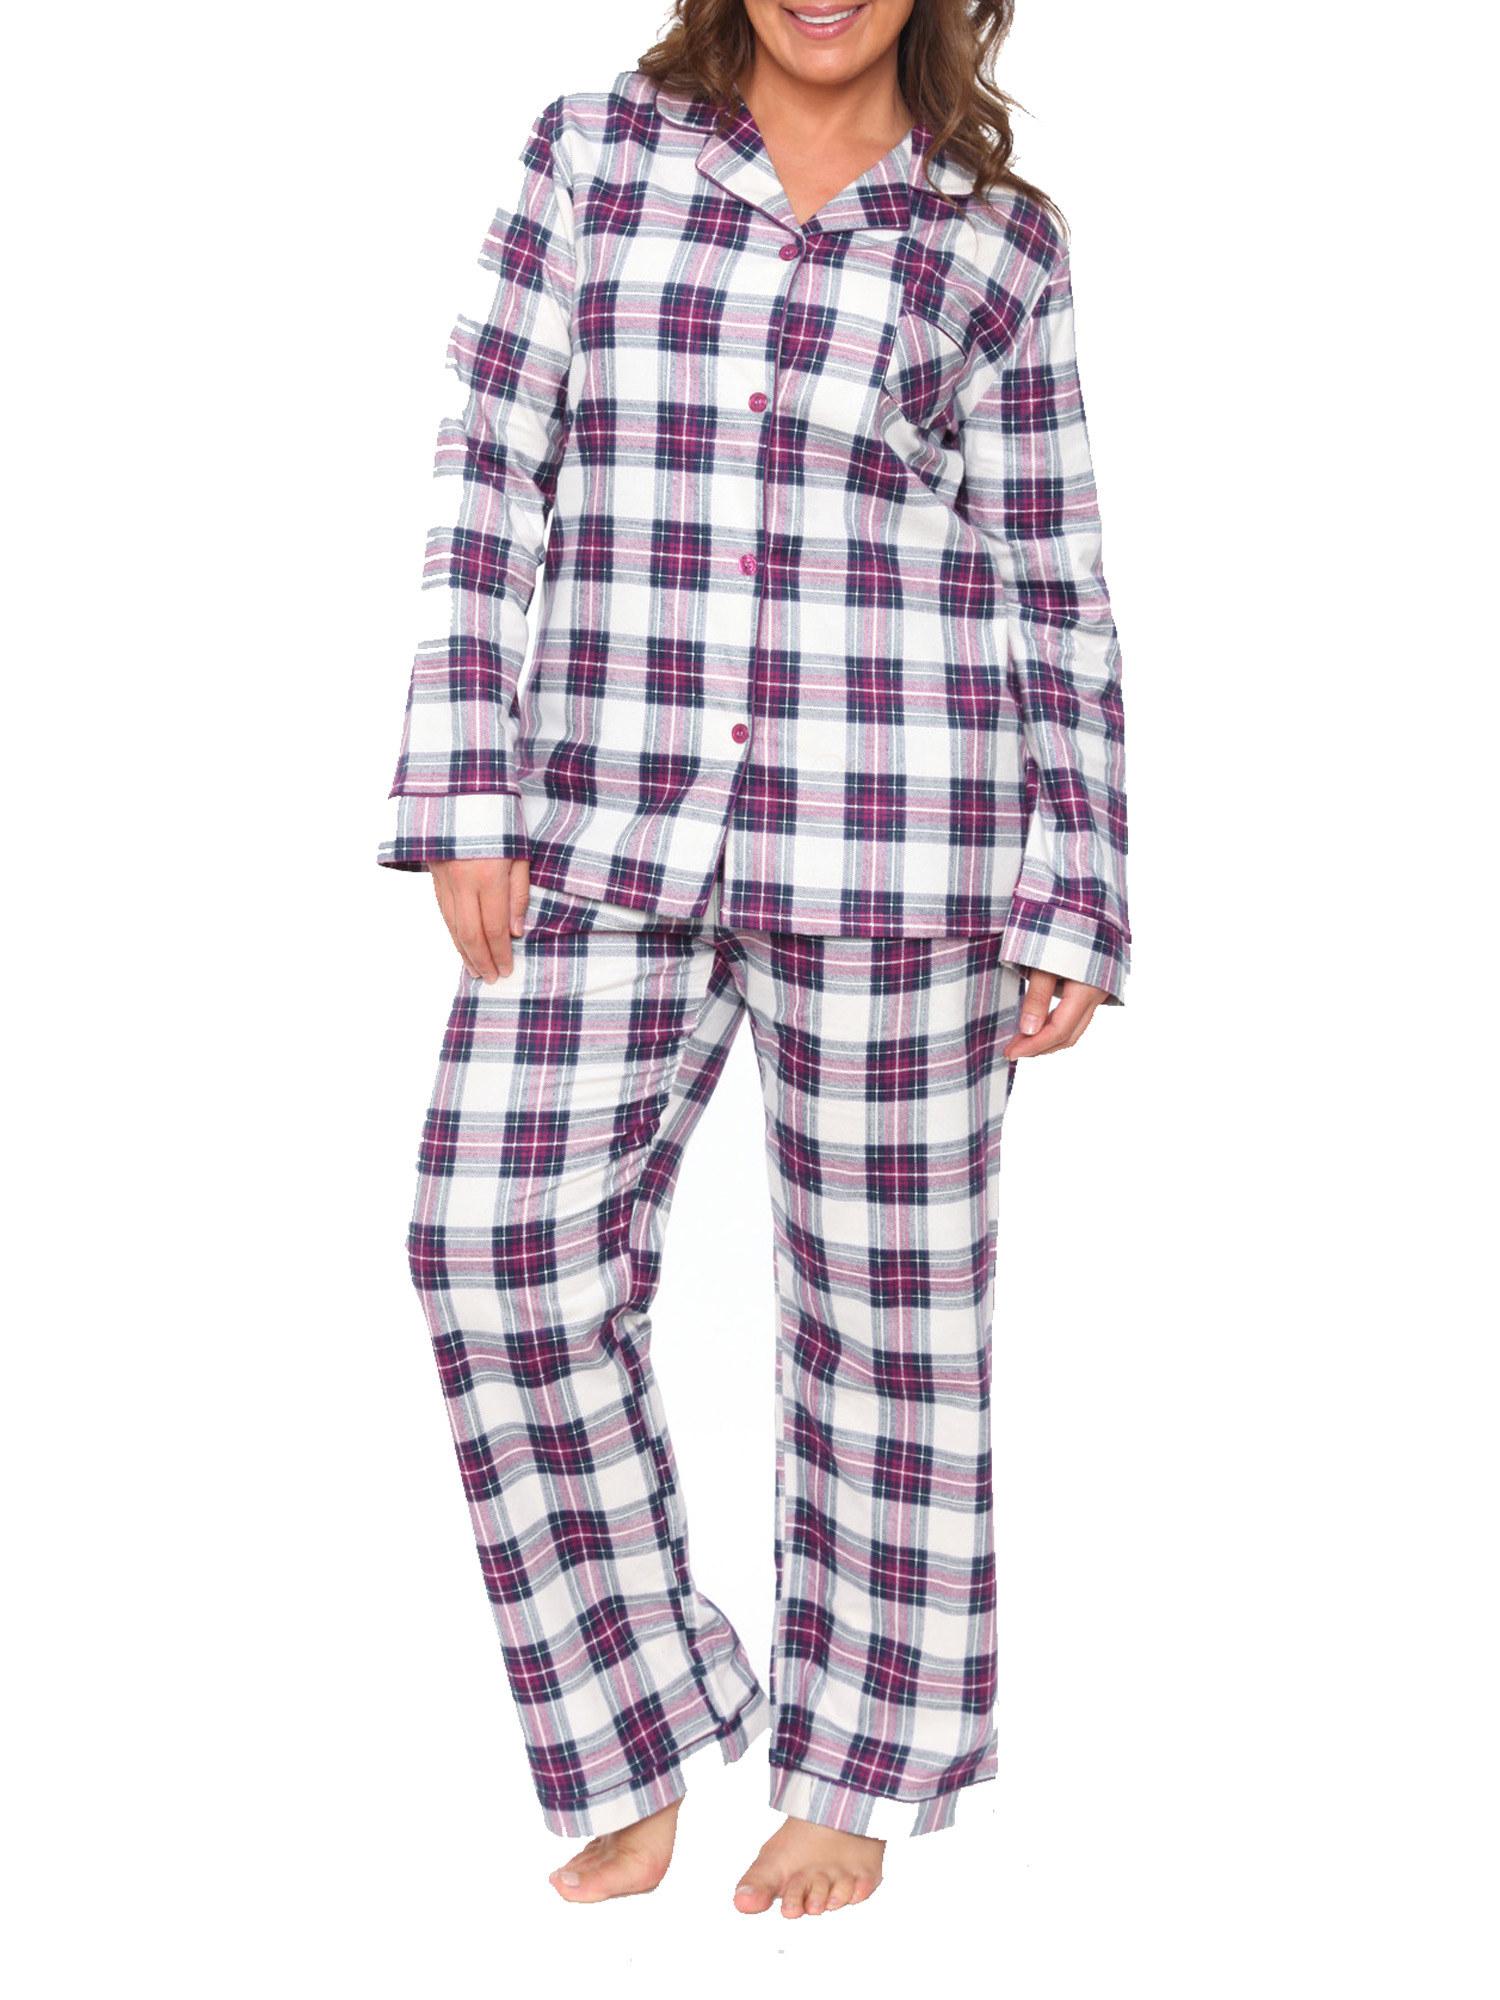 The matching long-sleeve purple plaid pajamas